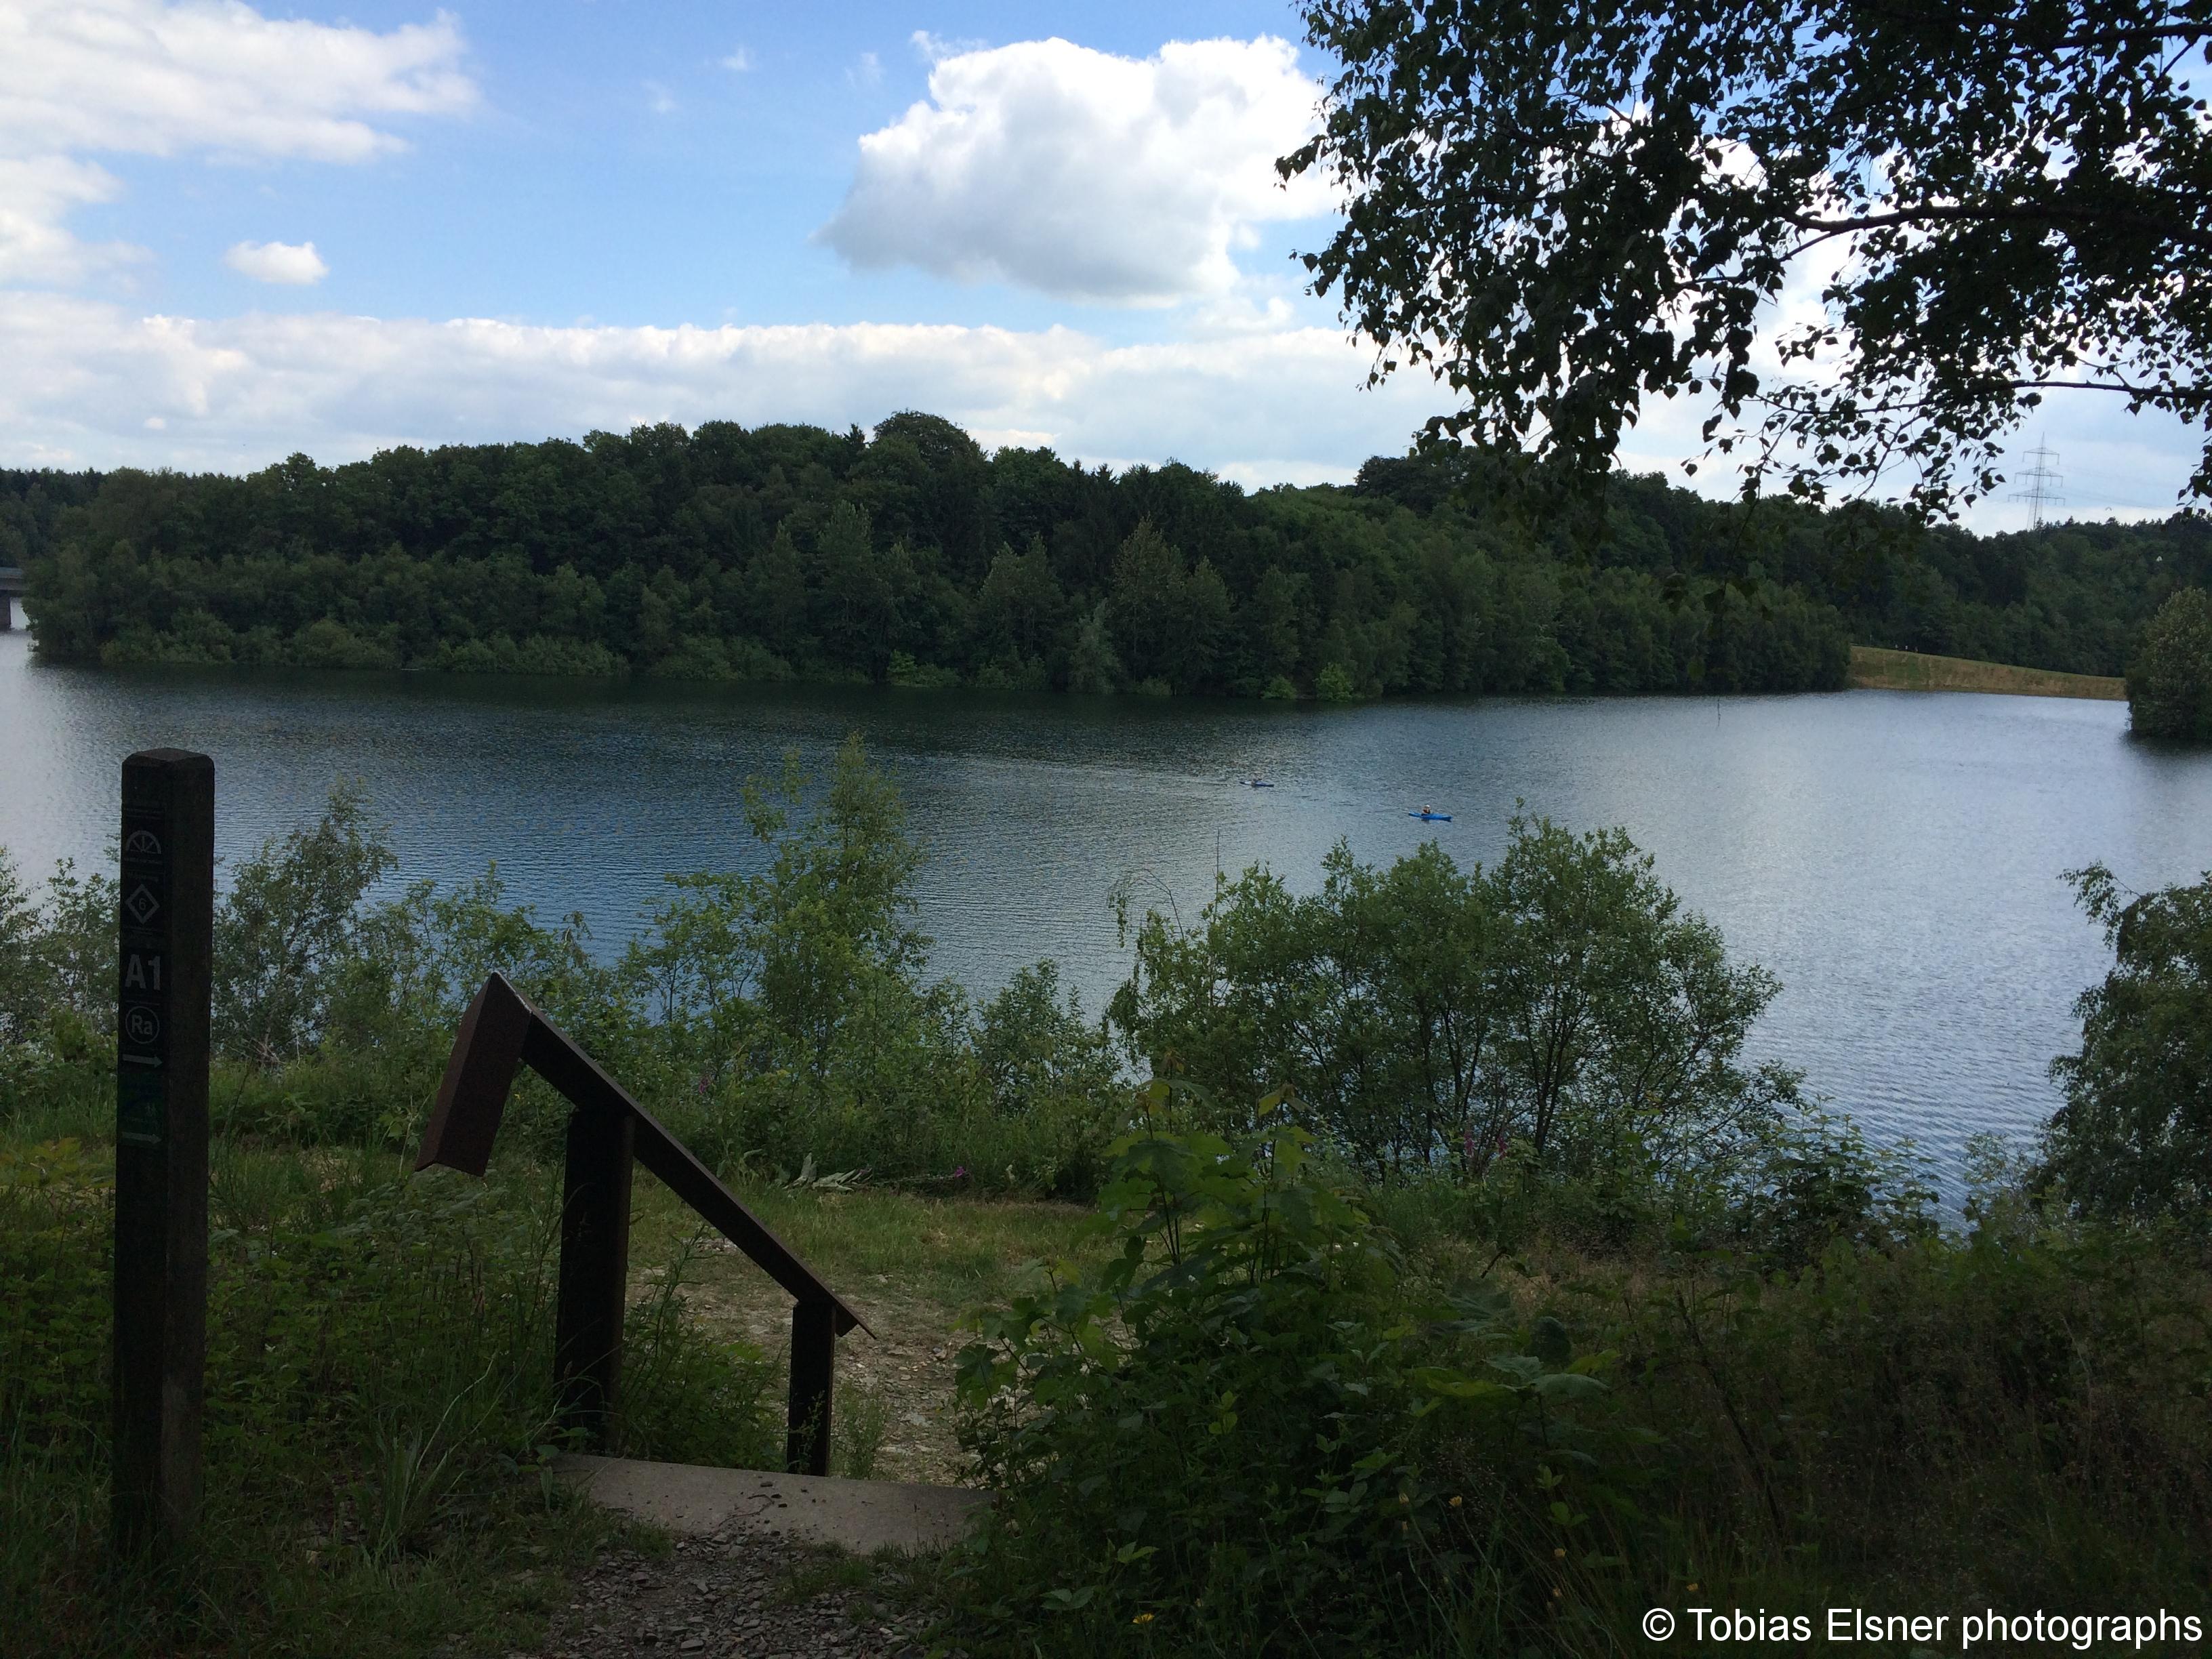 Wanderung Wald Wasser Wolle Weg Radevormwald 2014 Nr.83